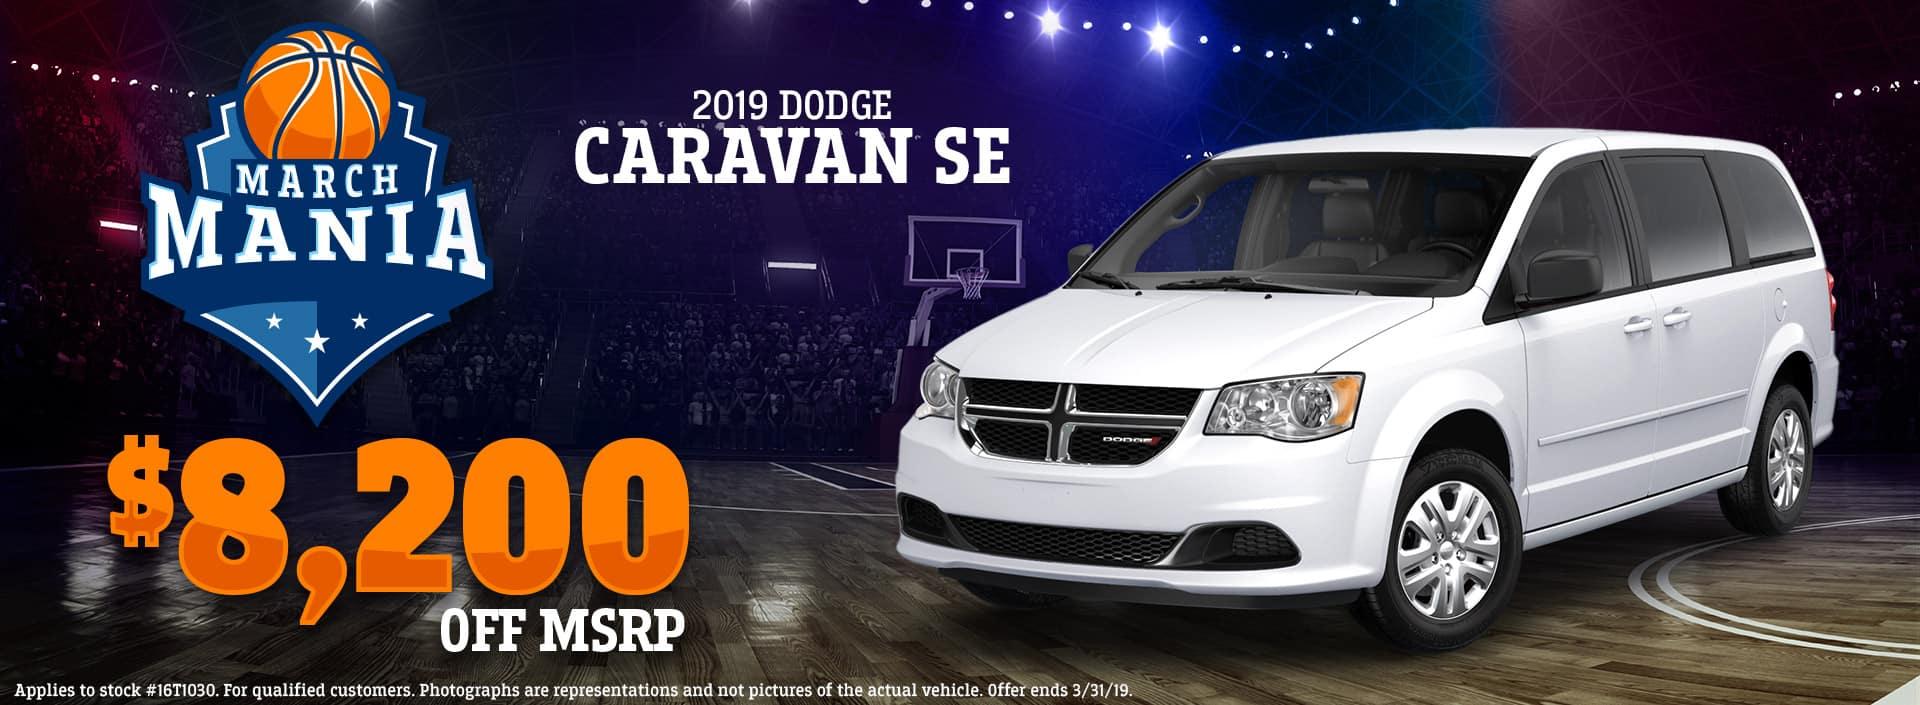 3.19 - 2019 Dodge Caravan SE